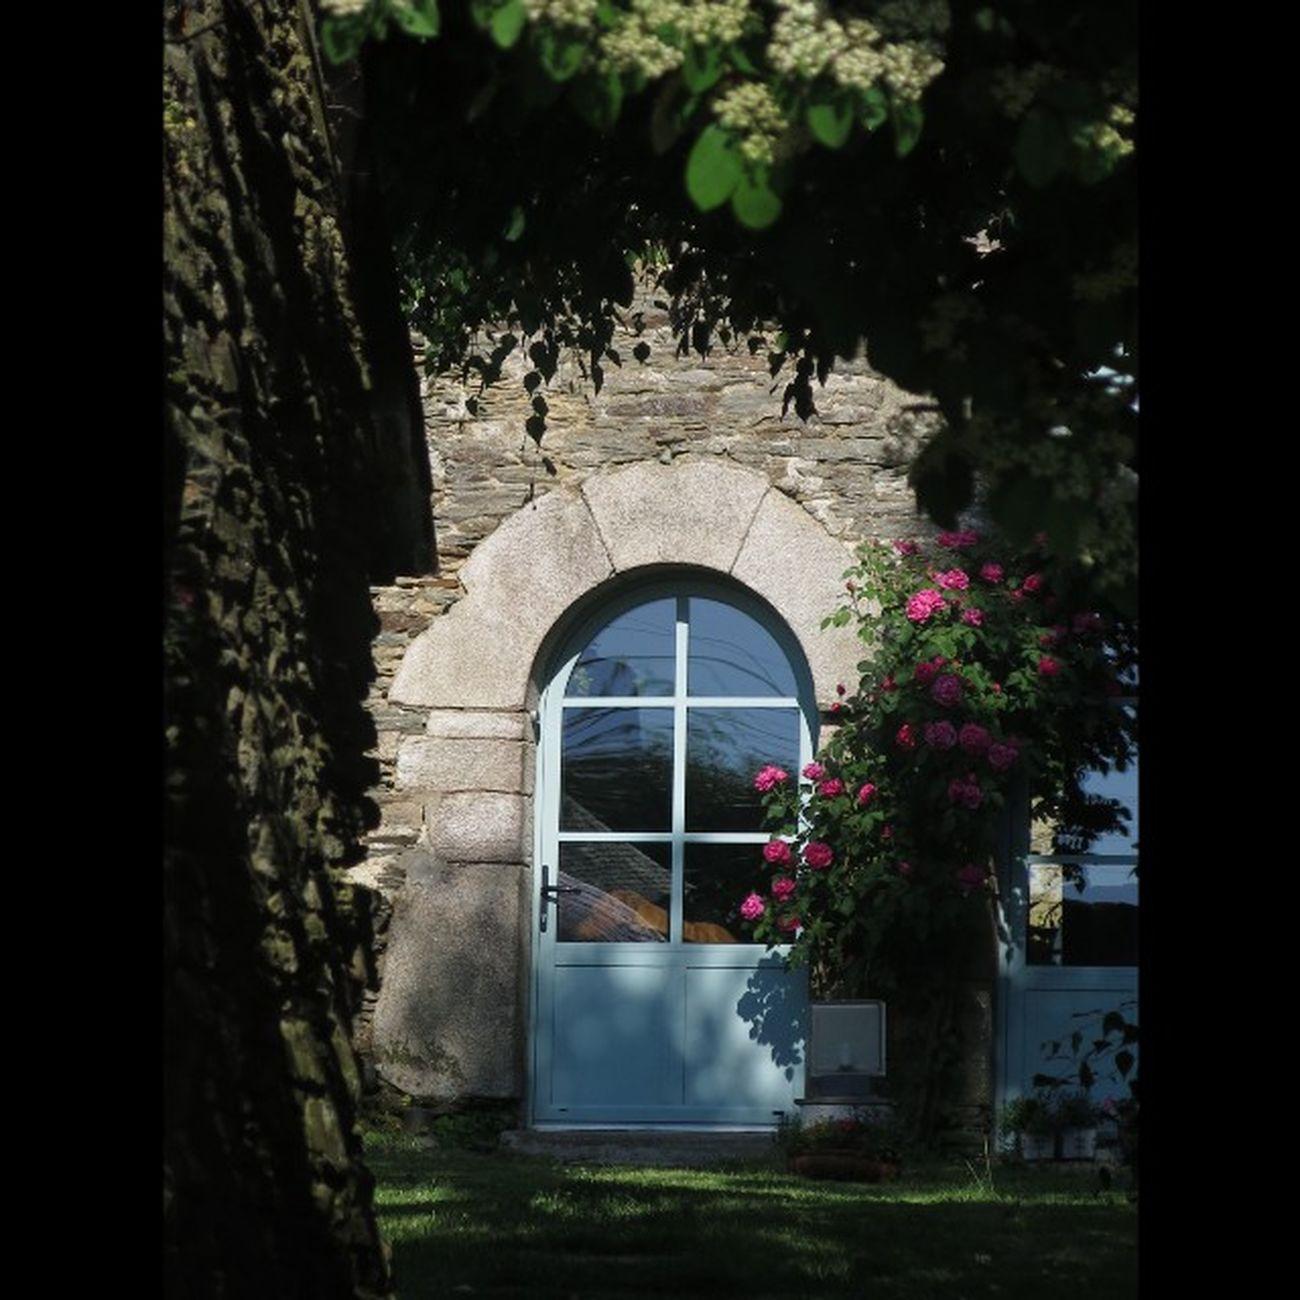 Une Maison du Vieuxbourg de Taupont (Juin 2014 ) A House in the Oldtown of Taupont (June 2014) Morbihan Miamorbihan Bretagne Breizh Fansdebretagne Jaimelabretagne Bretagnetourisme Latergram Architecture Plants Plantes Flowers Fleurs